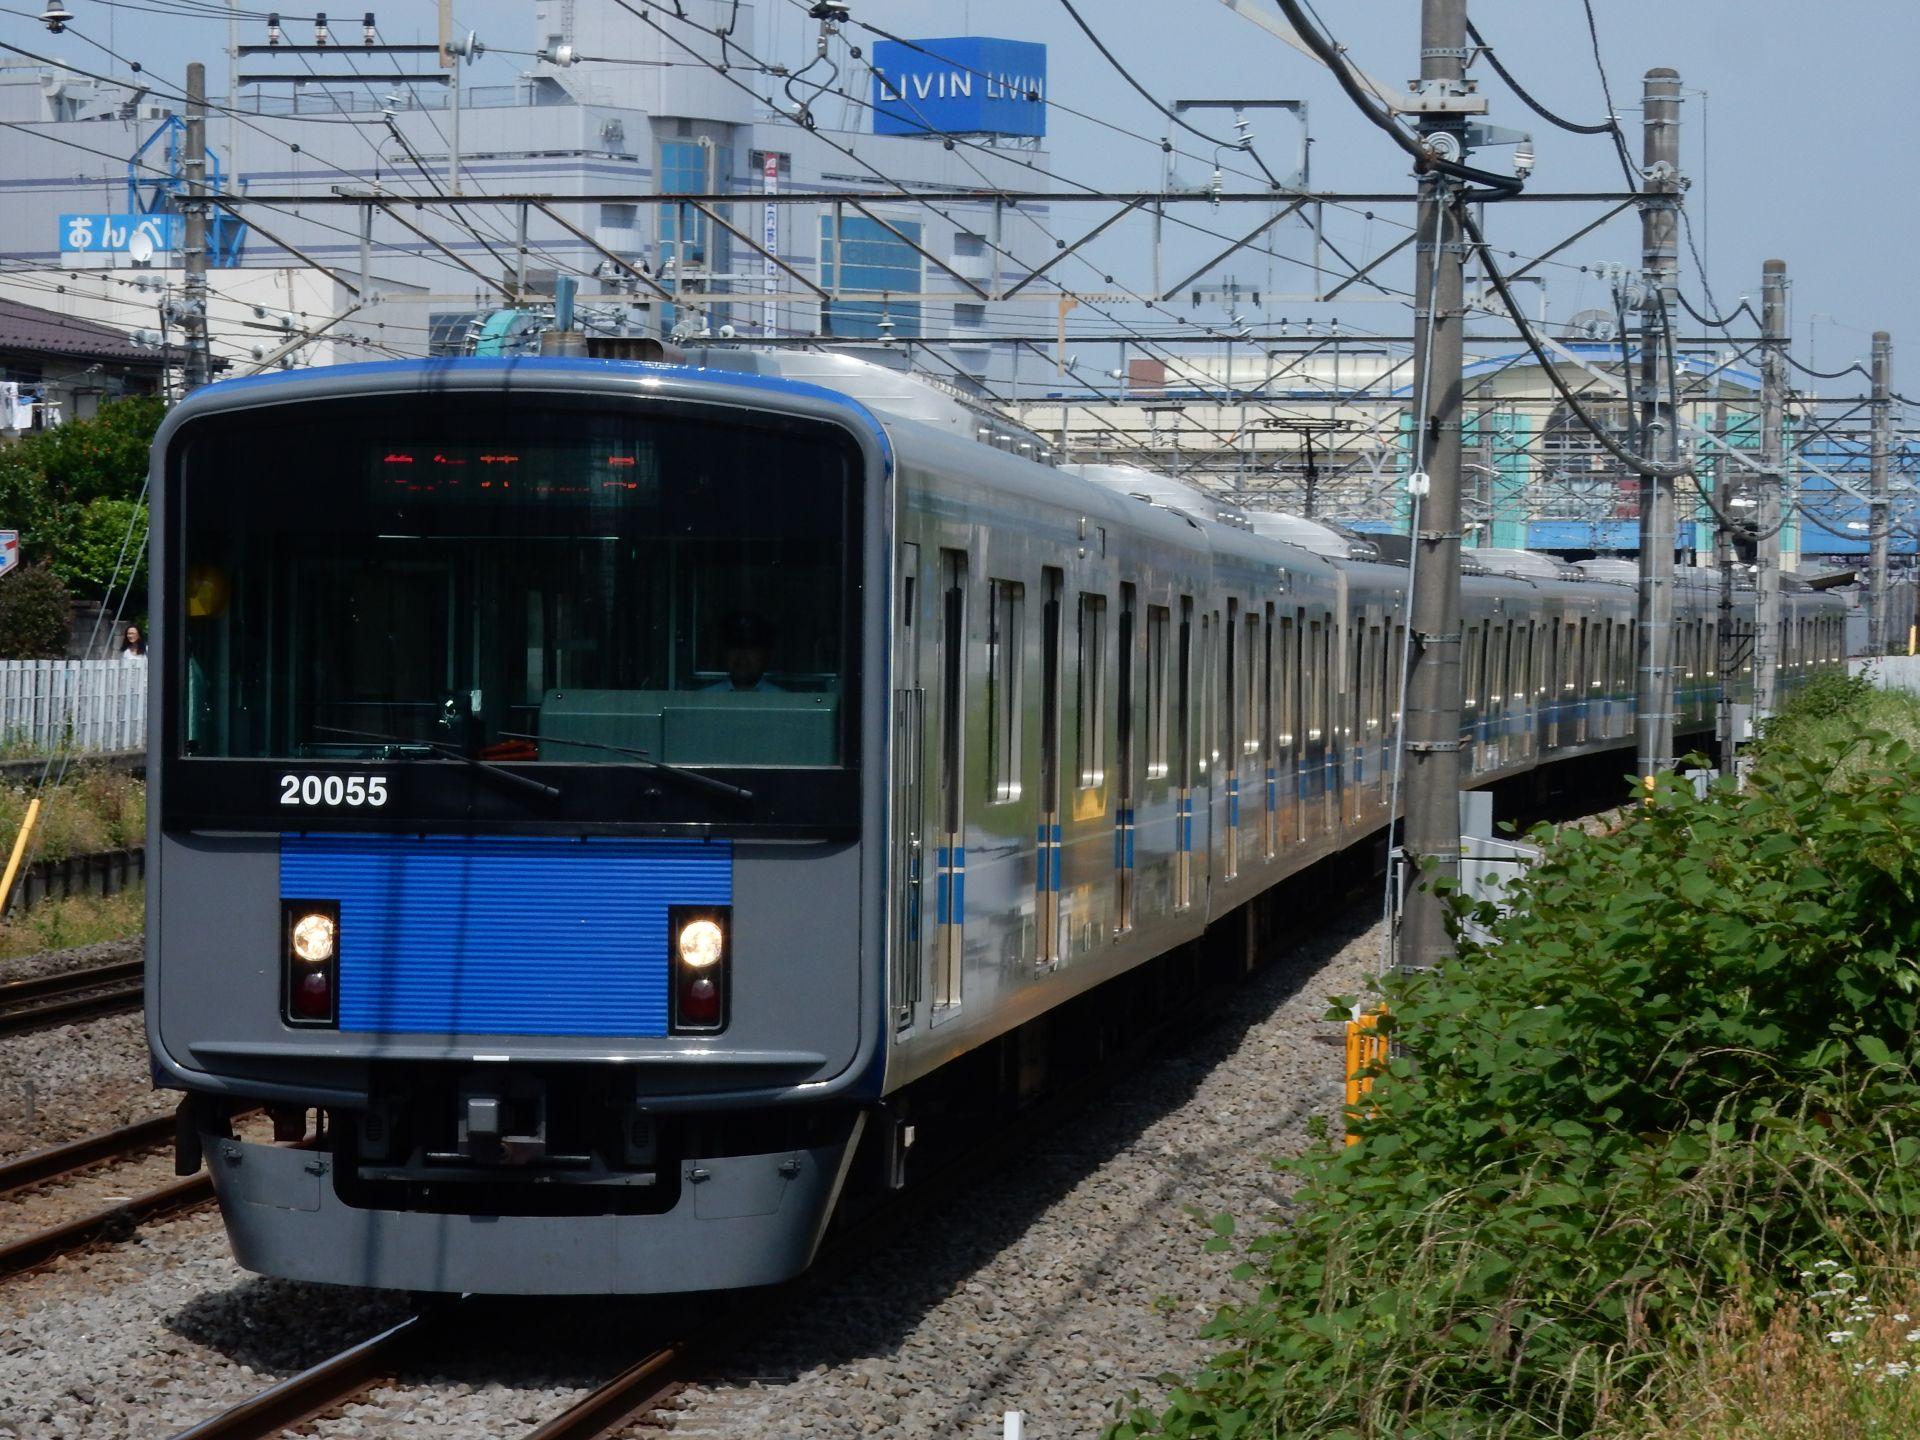 DSCN0142 - コピー